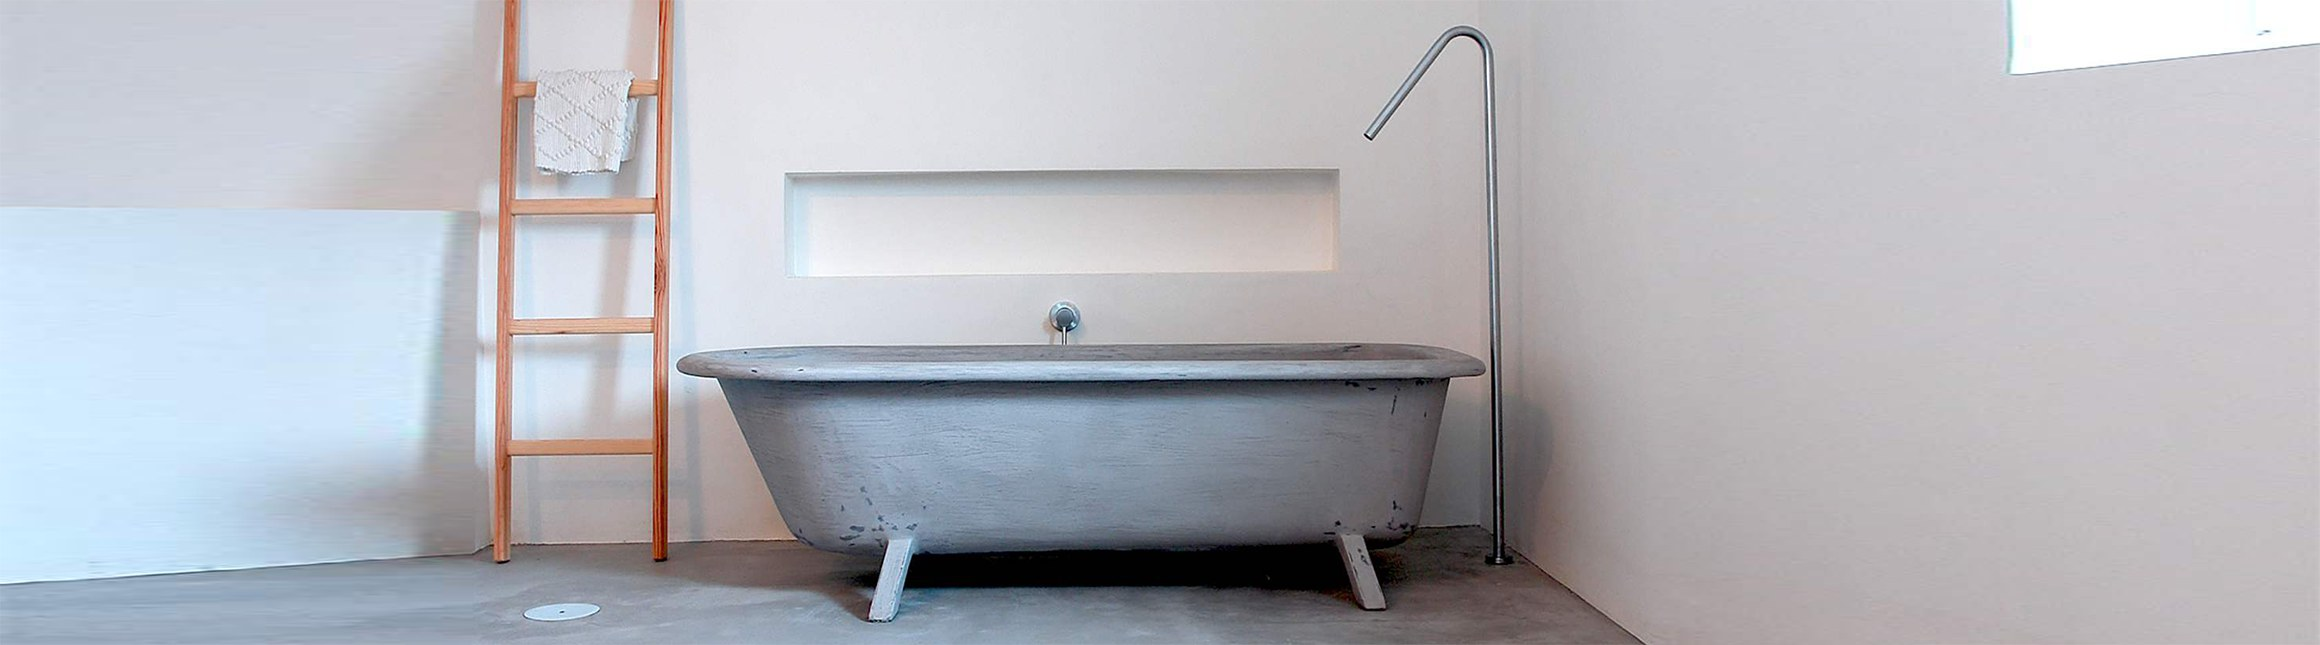 Urbidynamic micro-cement bath tub